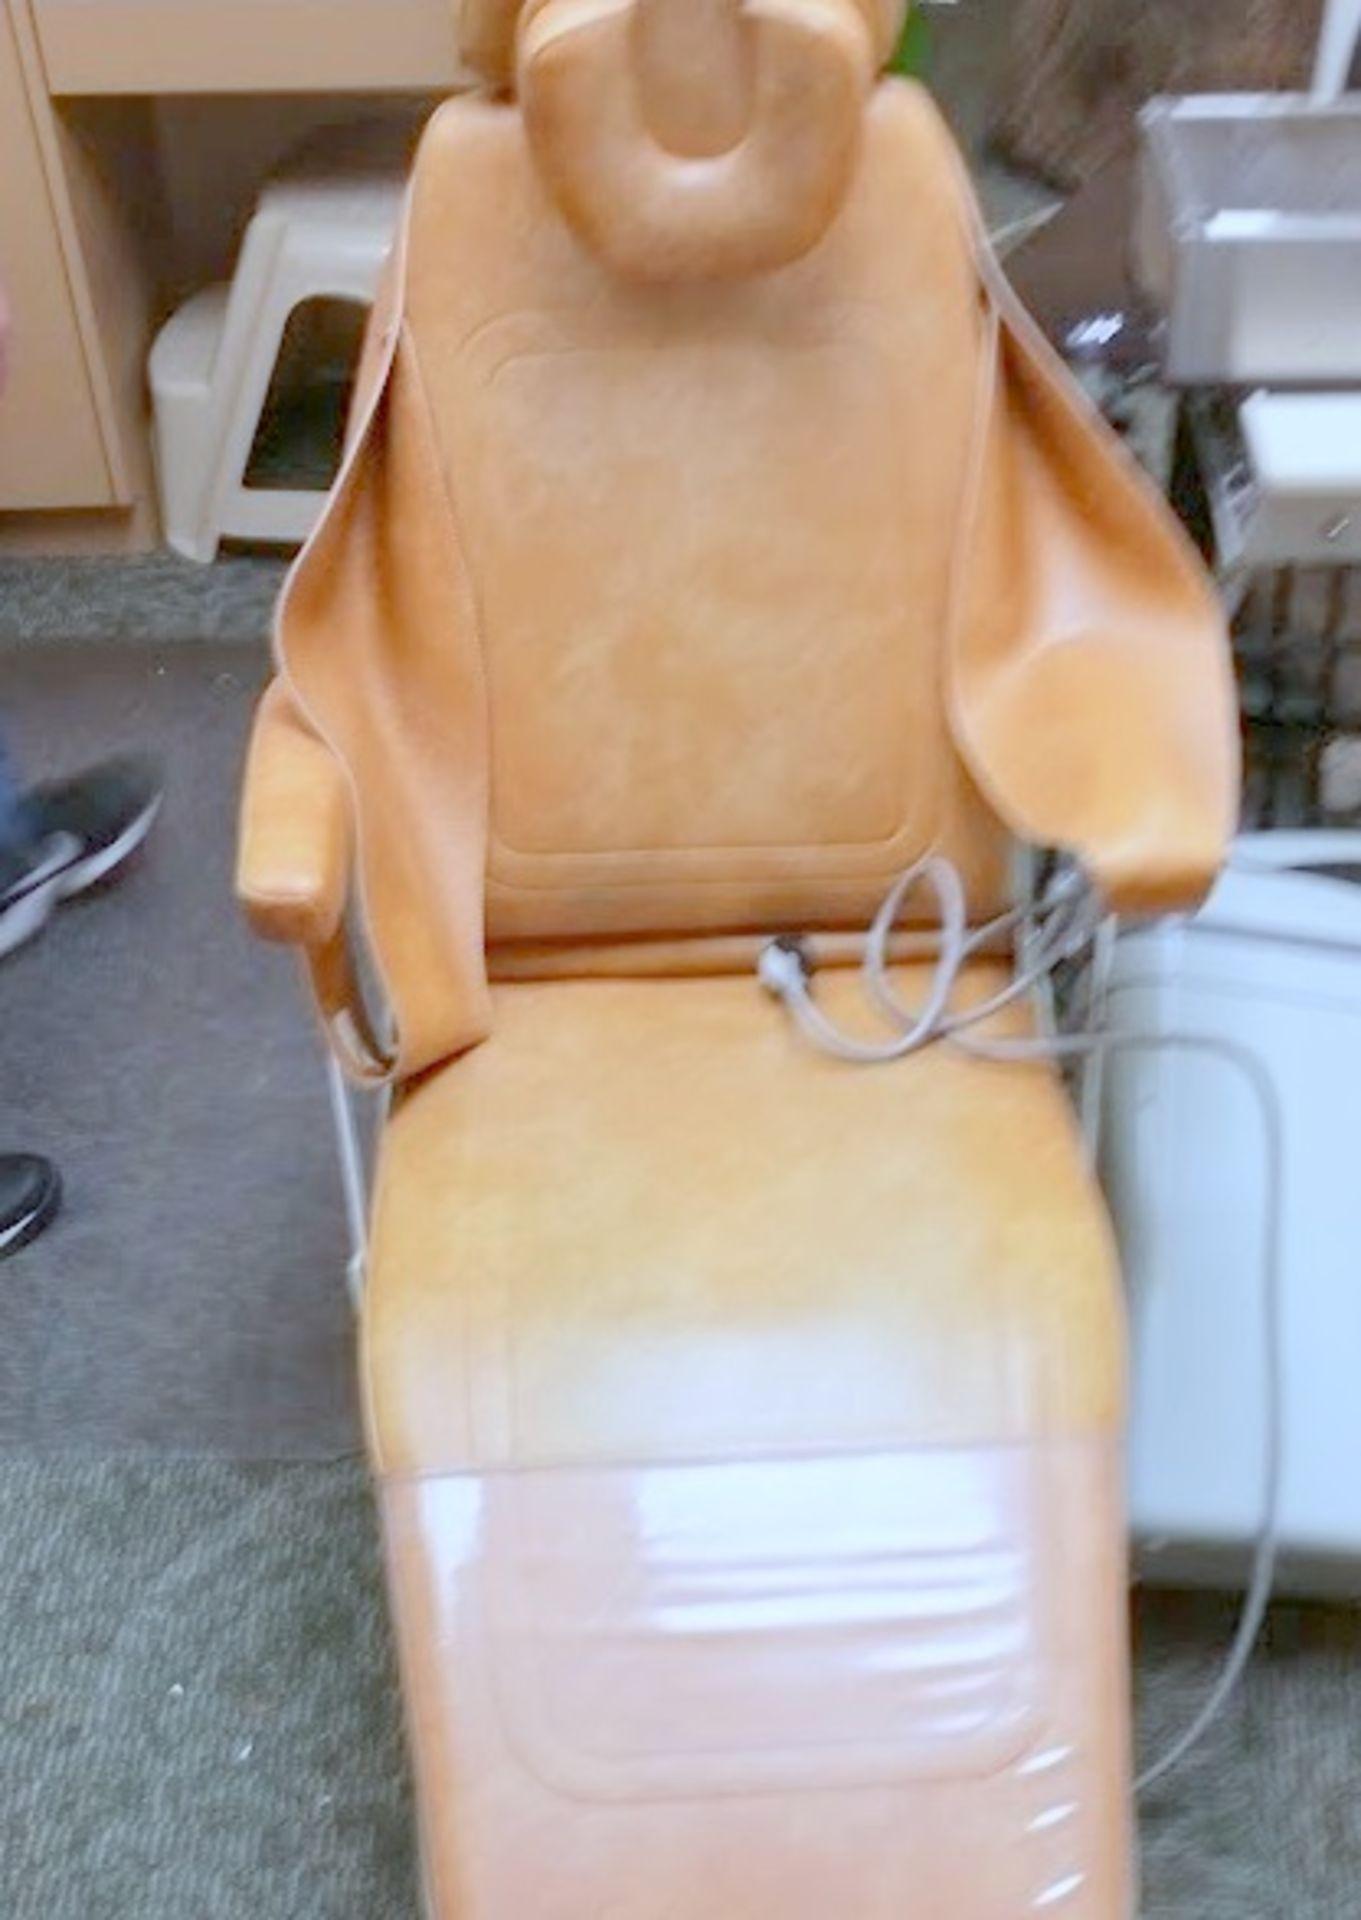 Belmont Model 019 adjustable Dental Chair - Image 4 of 5